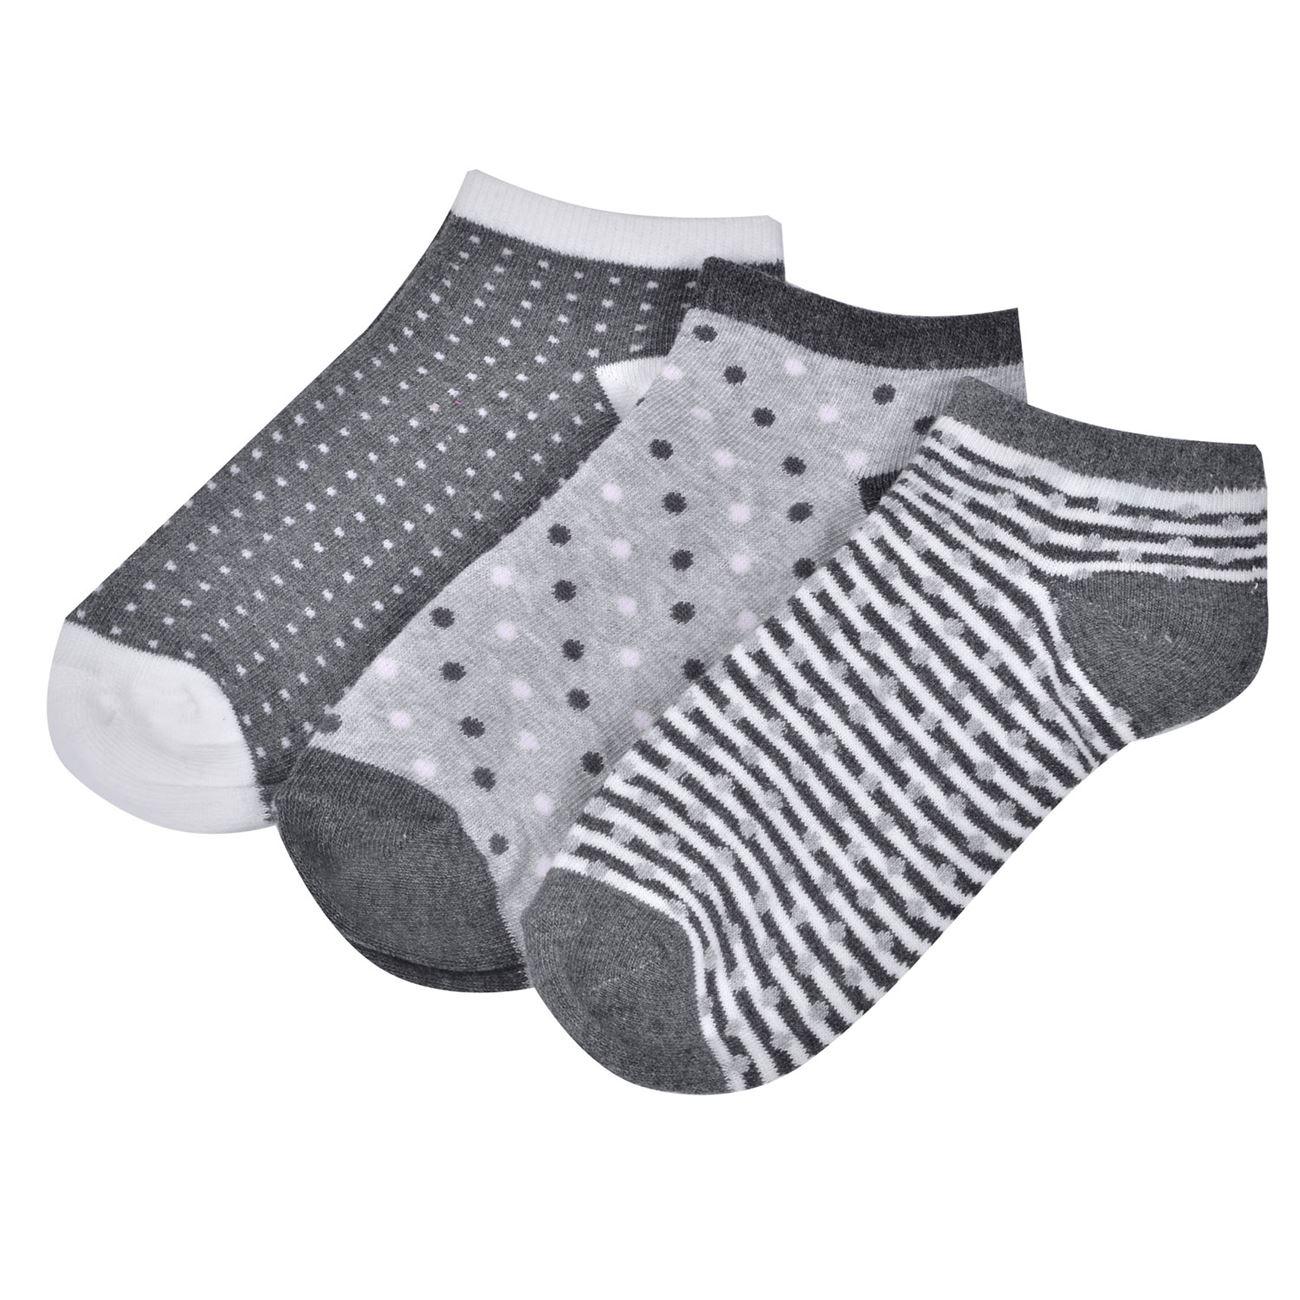 Κάλτσες Παιδικές Σοσόνια Γκρι Πουά Ριγέ - 3 ζευγ.   Κάλτσες Σοσόνια ... 9c3db4a6bb0